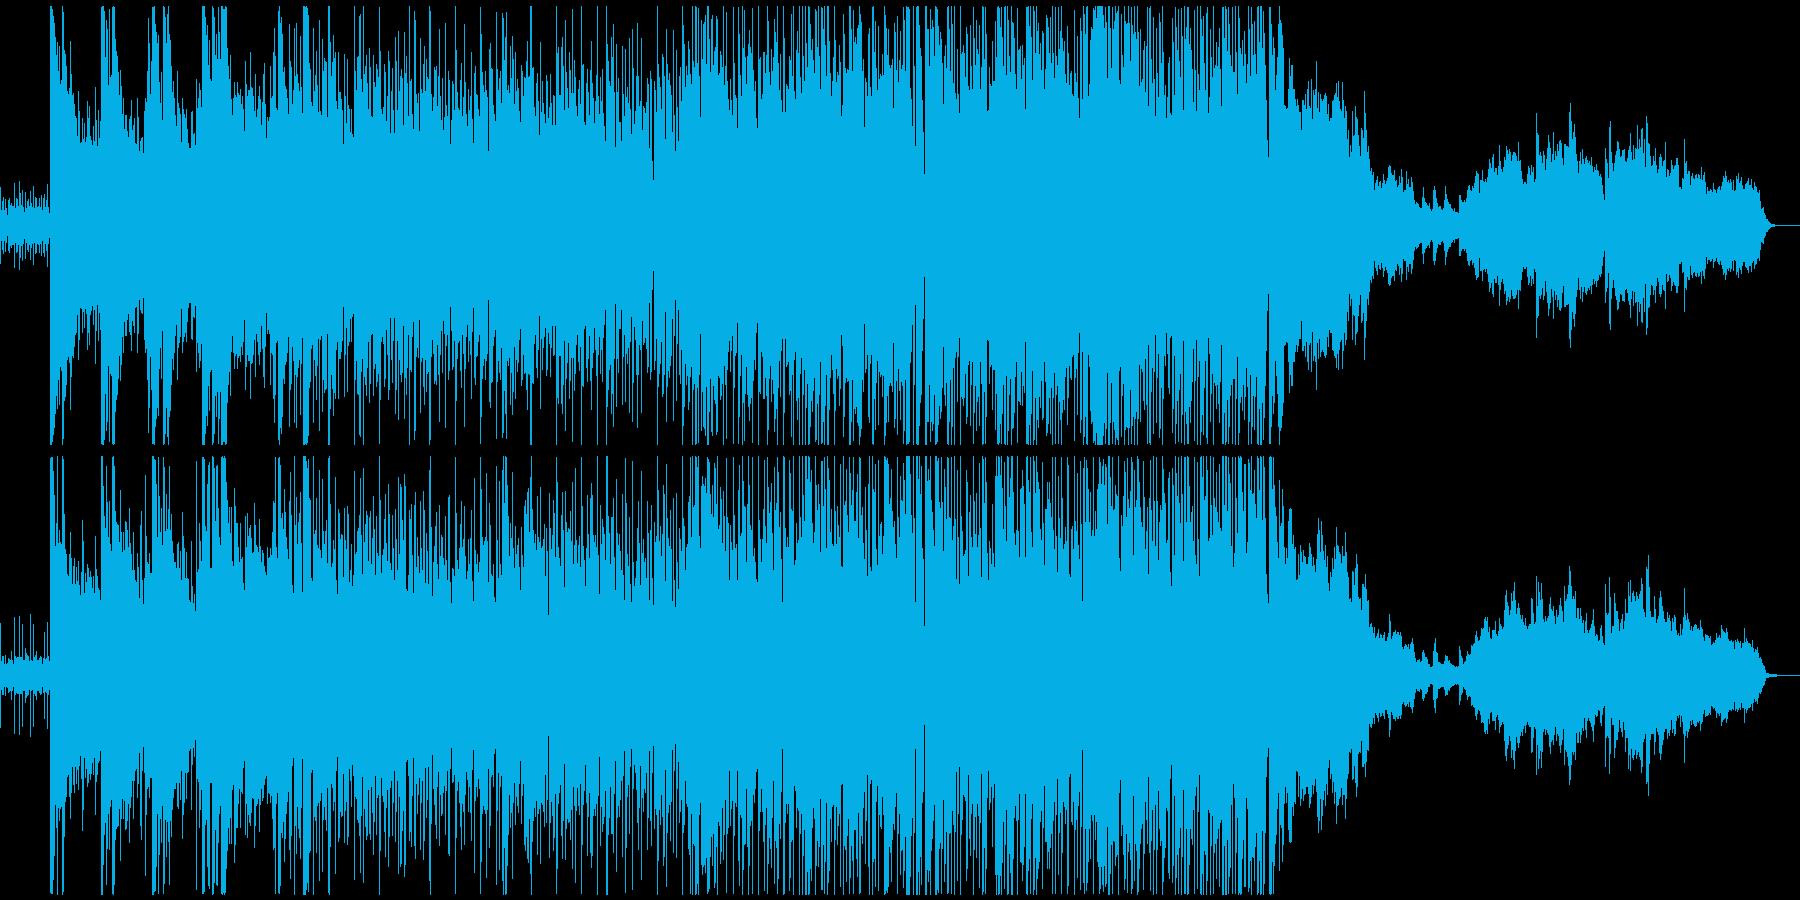 キラキラした印象のピアノのポップスの再生済みの波形